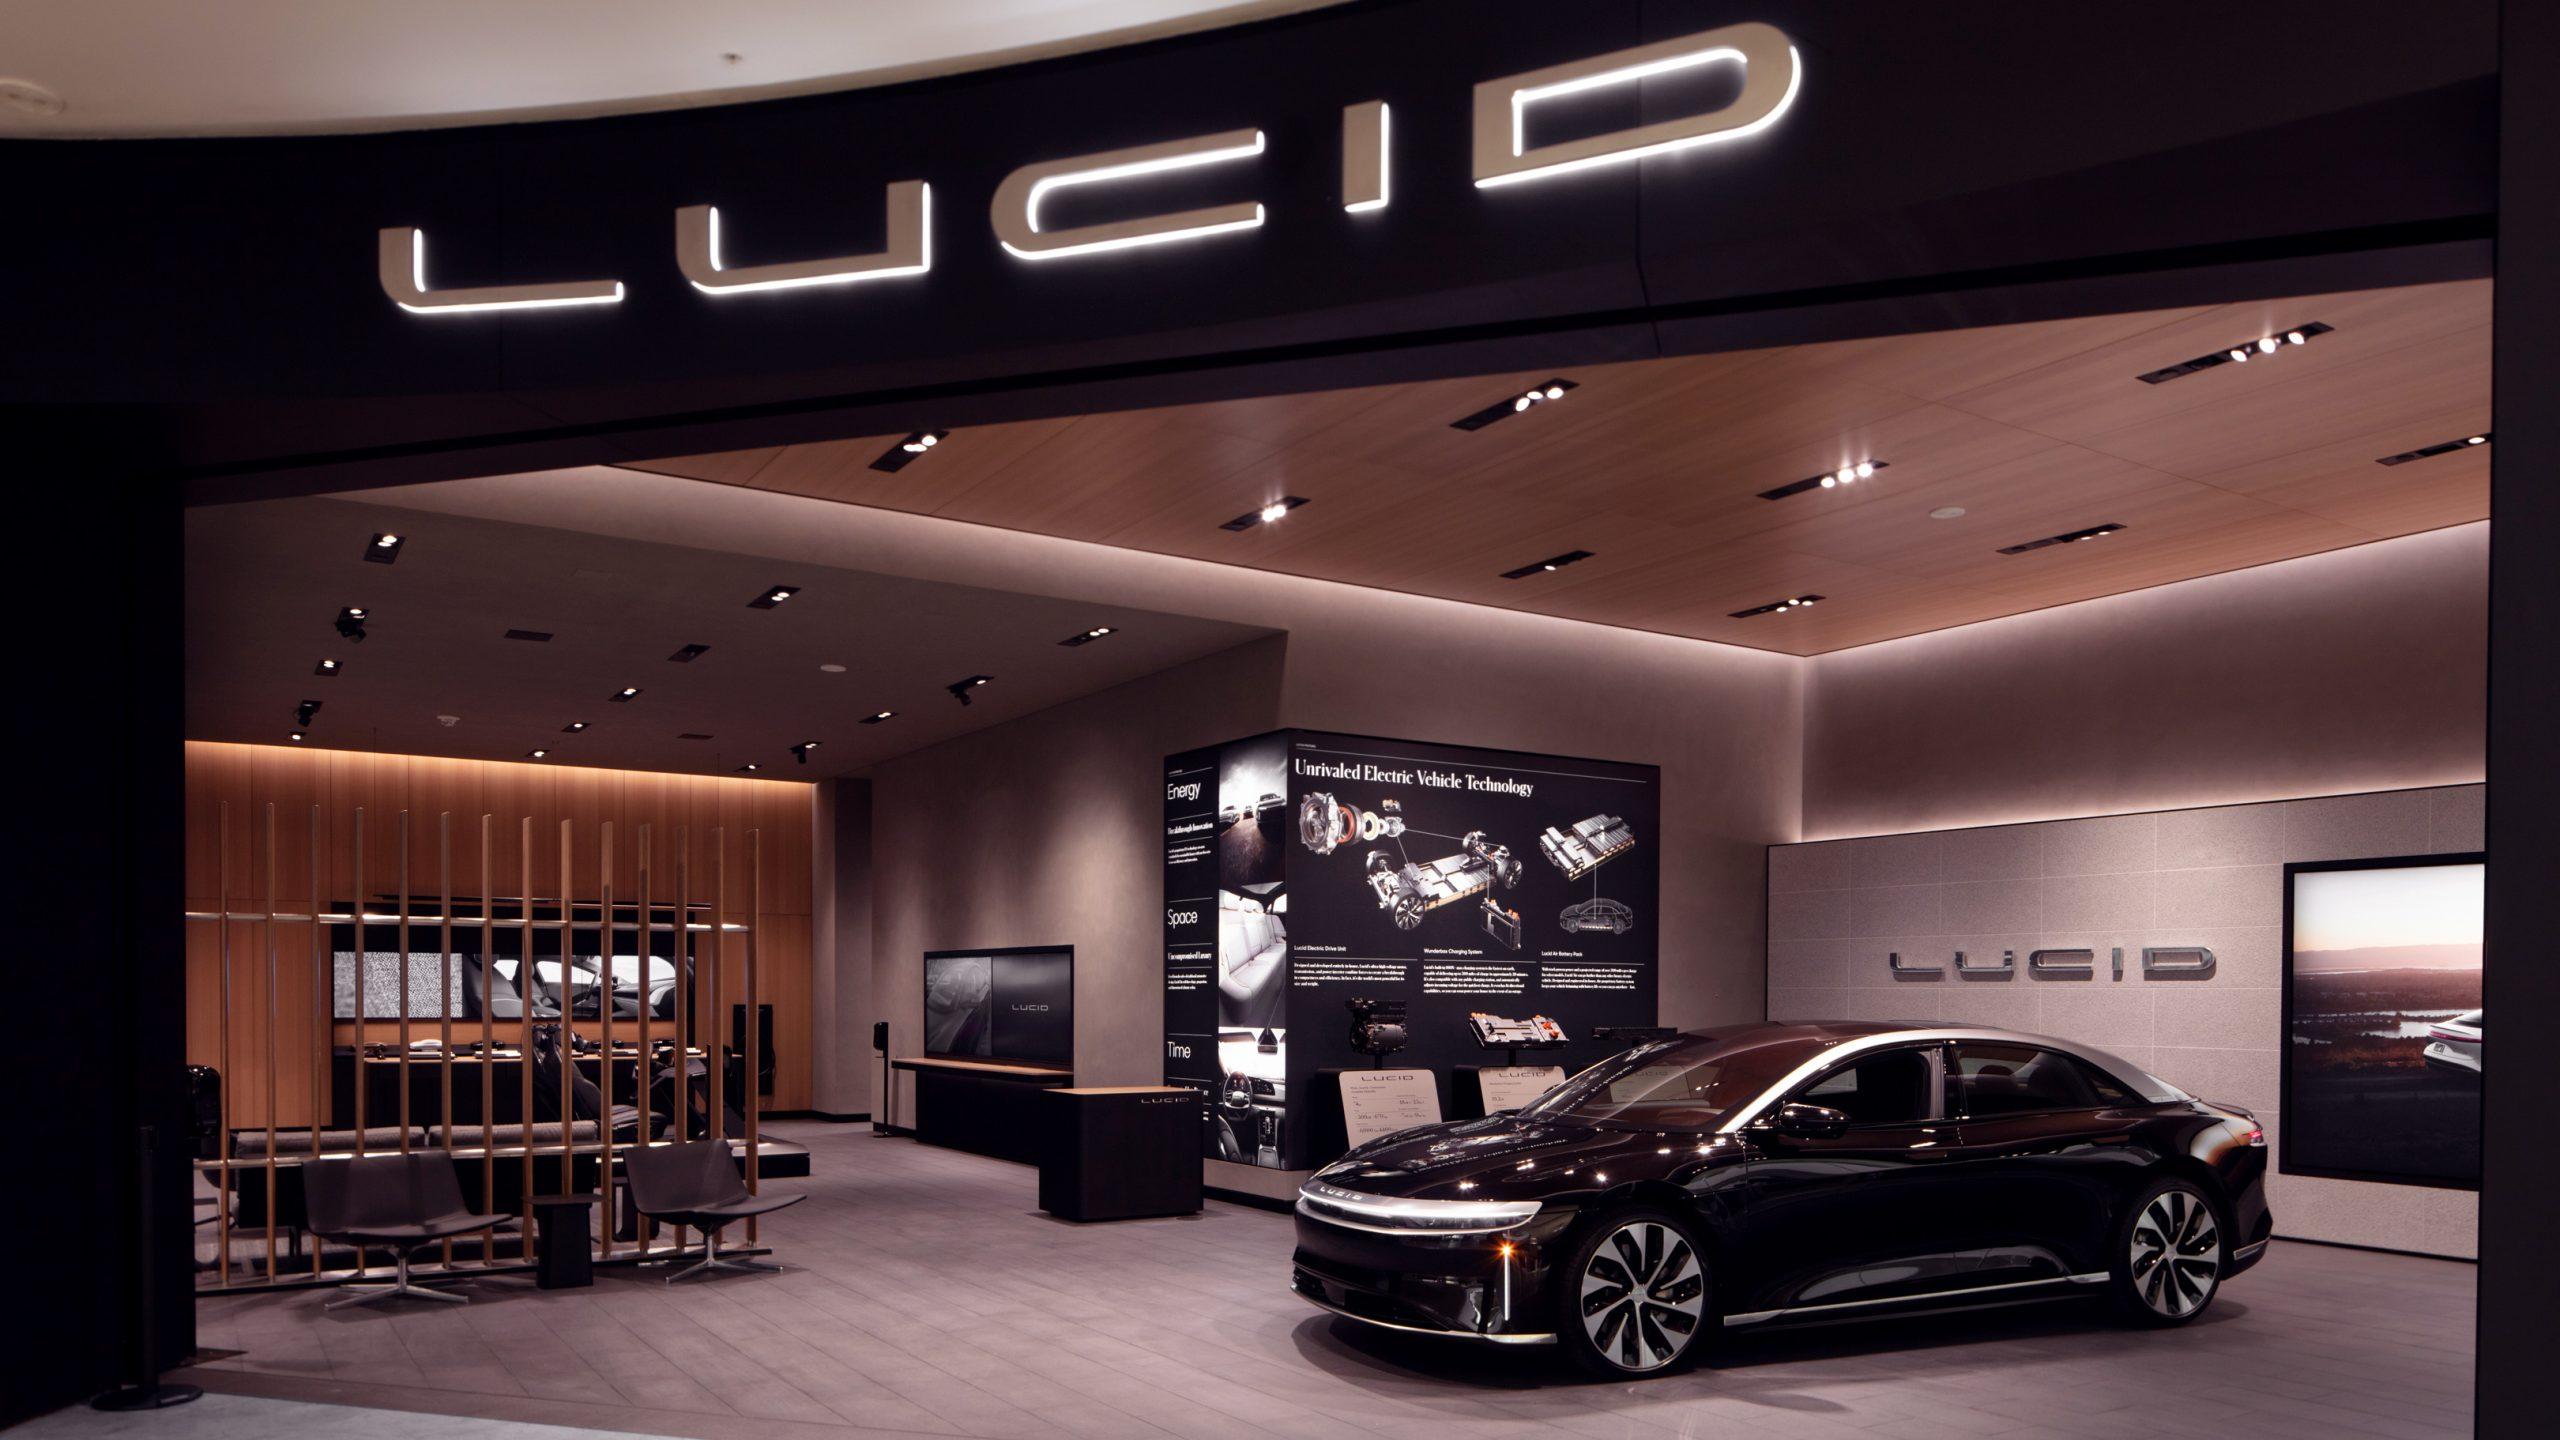 Lucid Studio Scottsdale (1)